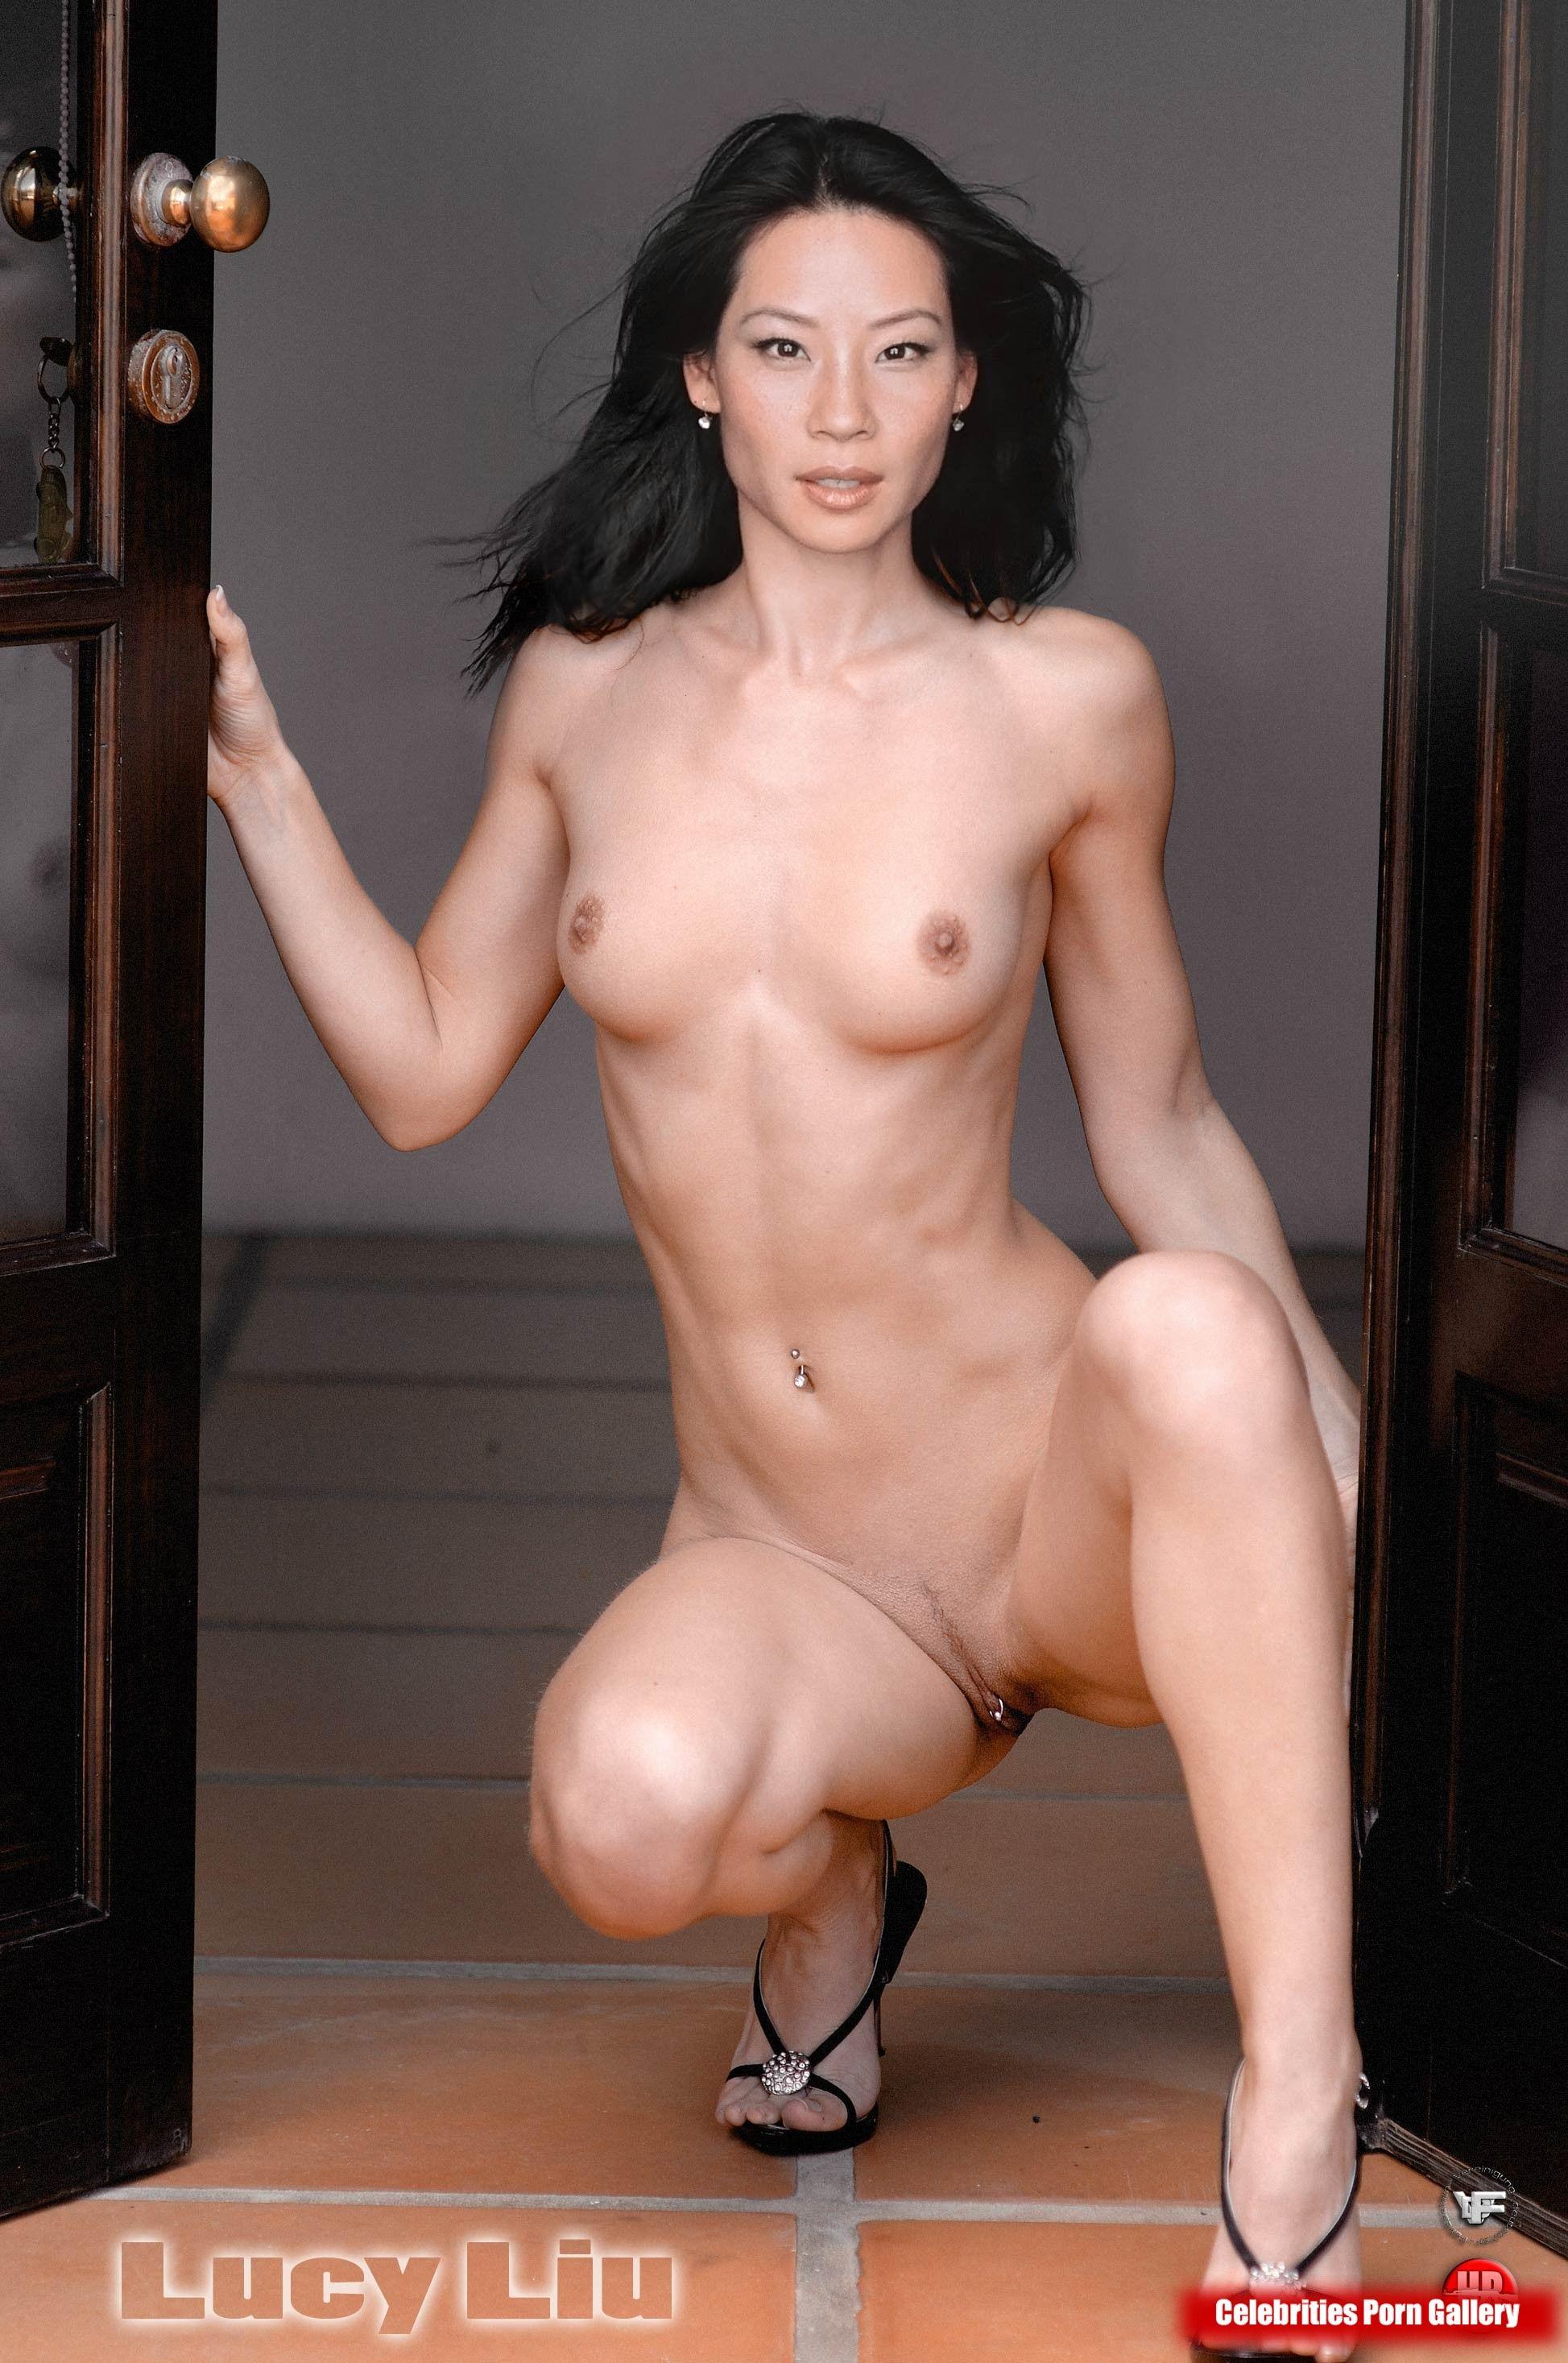 liu nackt Lucy